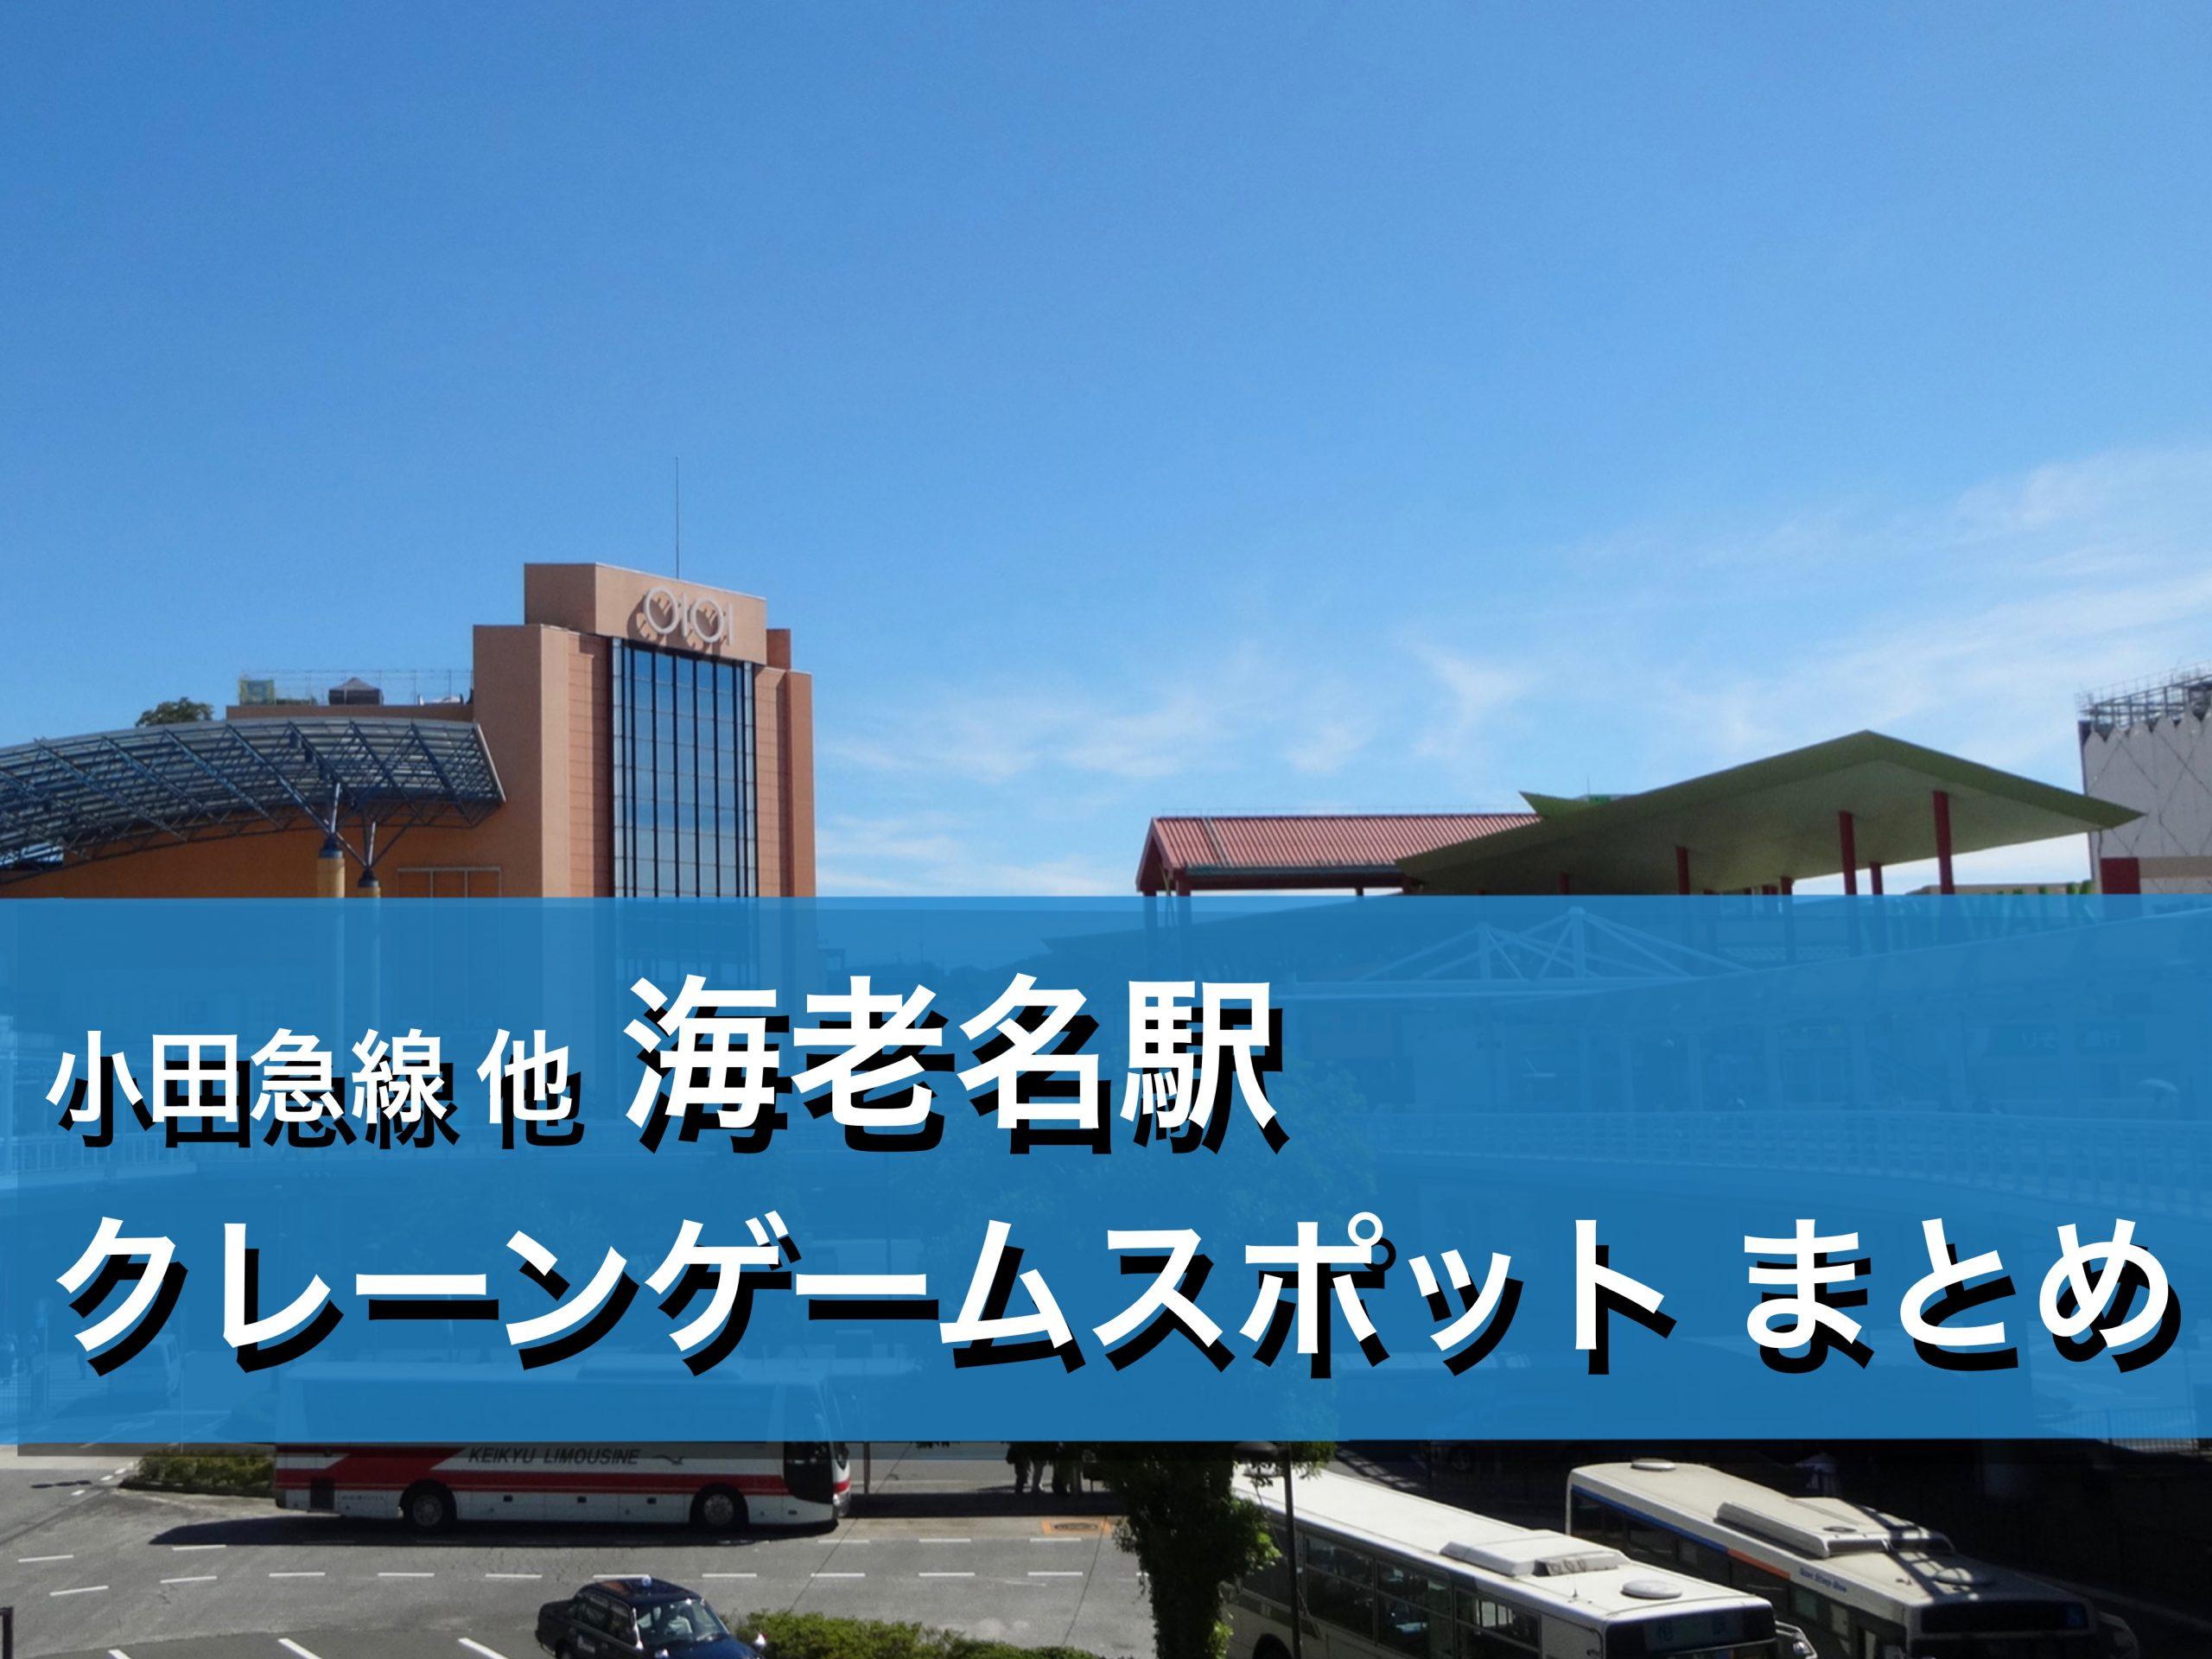 【海老名駅】クレーンゲームができる場所